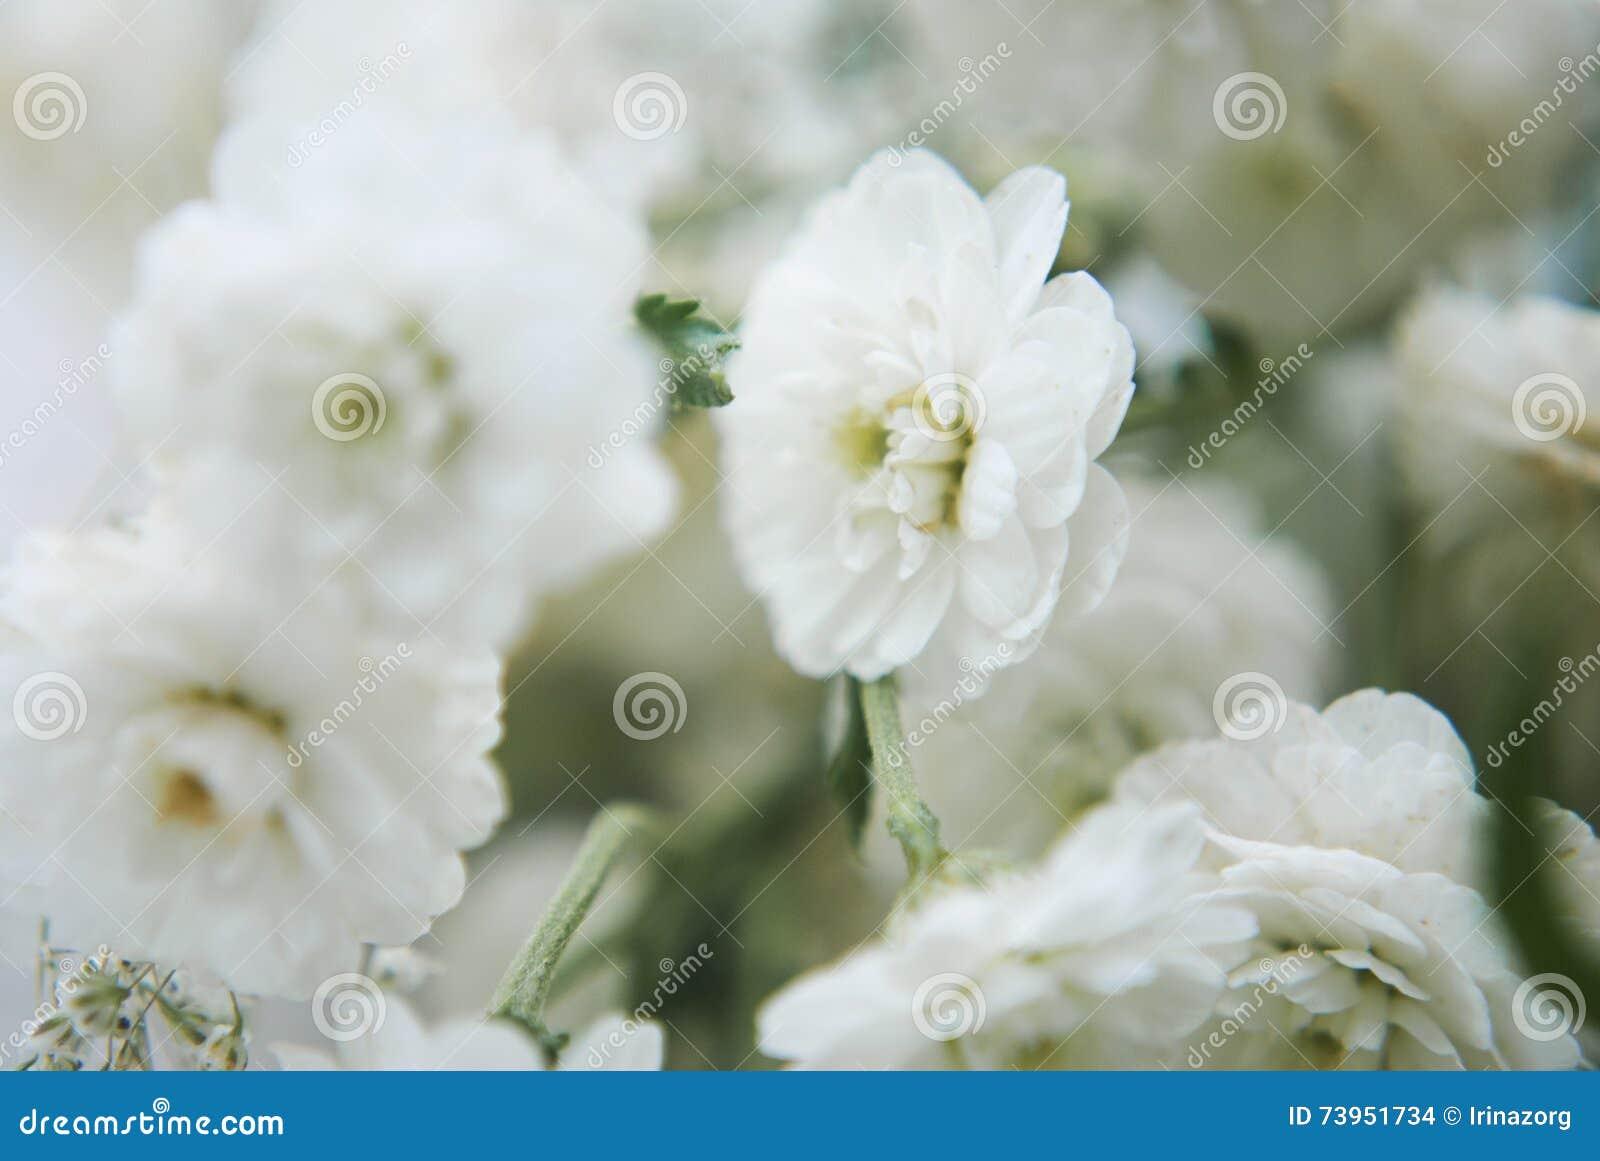 Macro Shot Of White Gypsophila Flowers Stock Photo Image Of Bunch